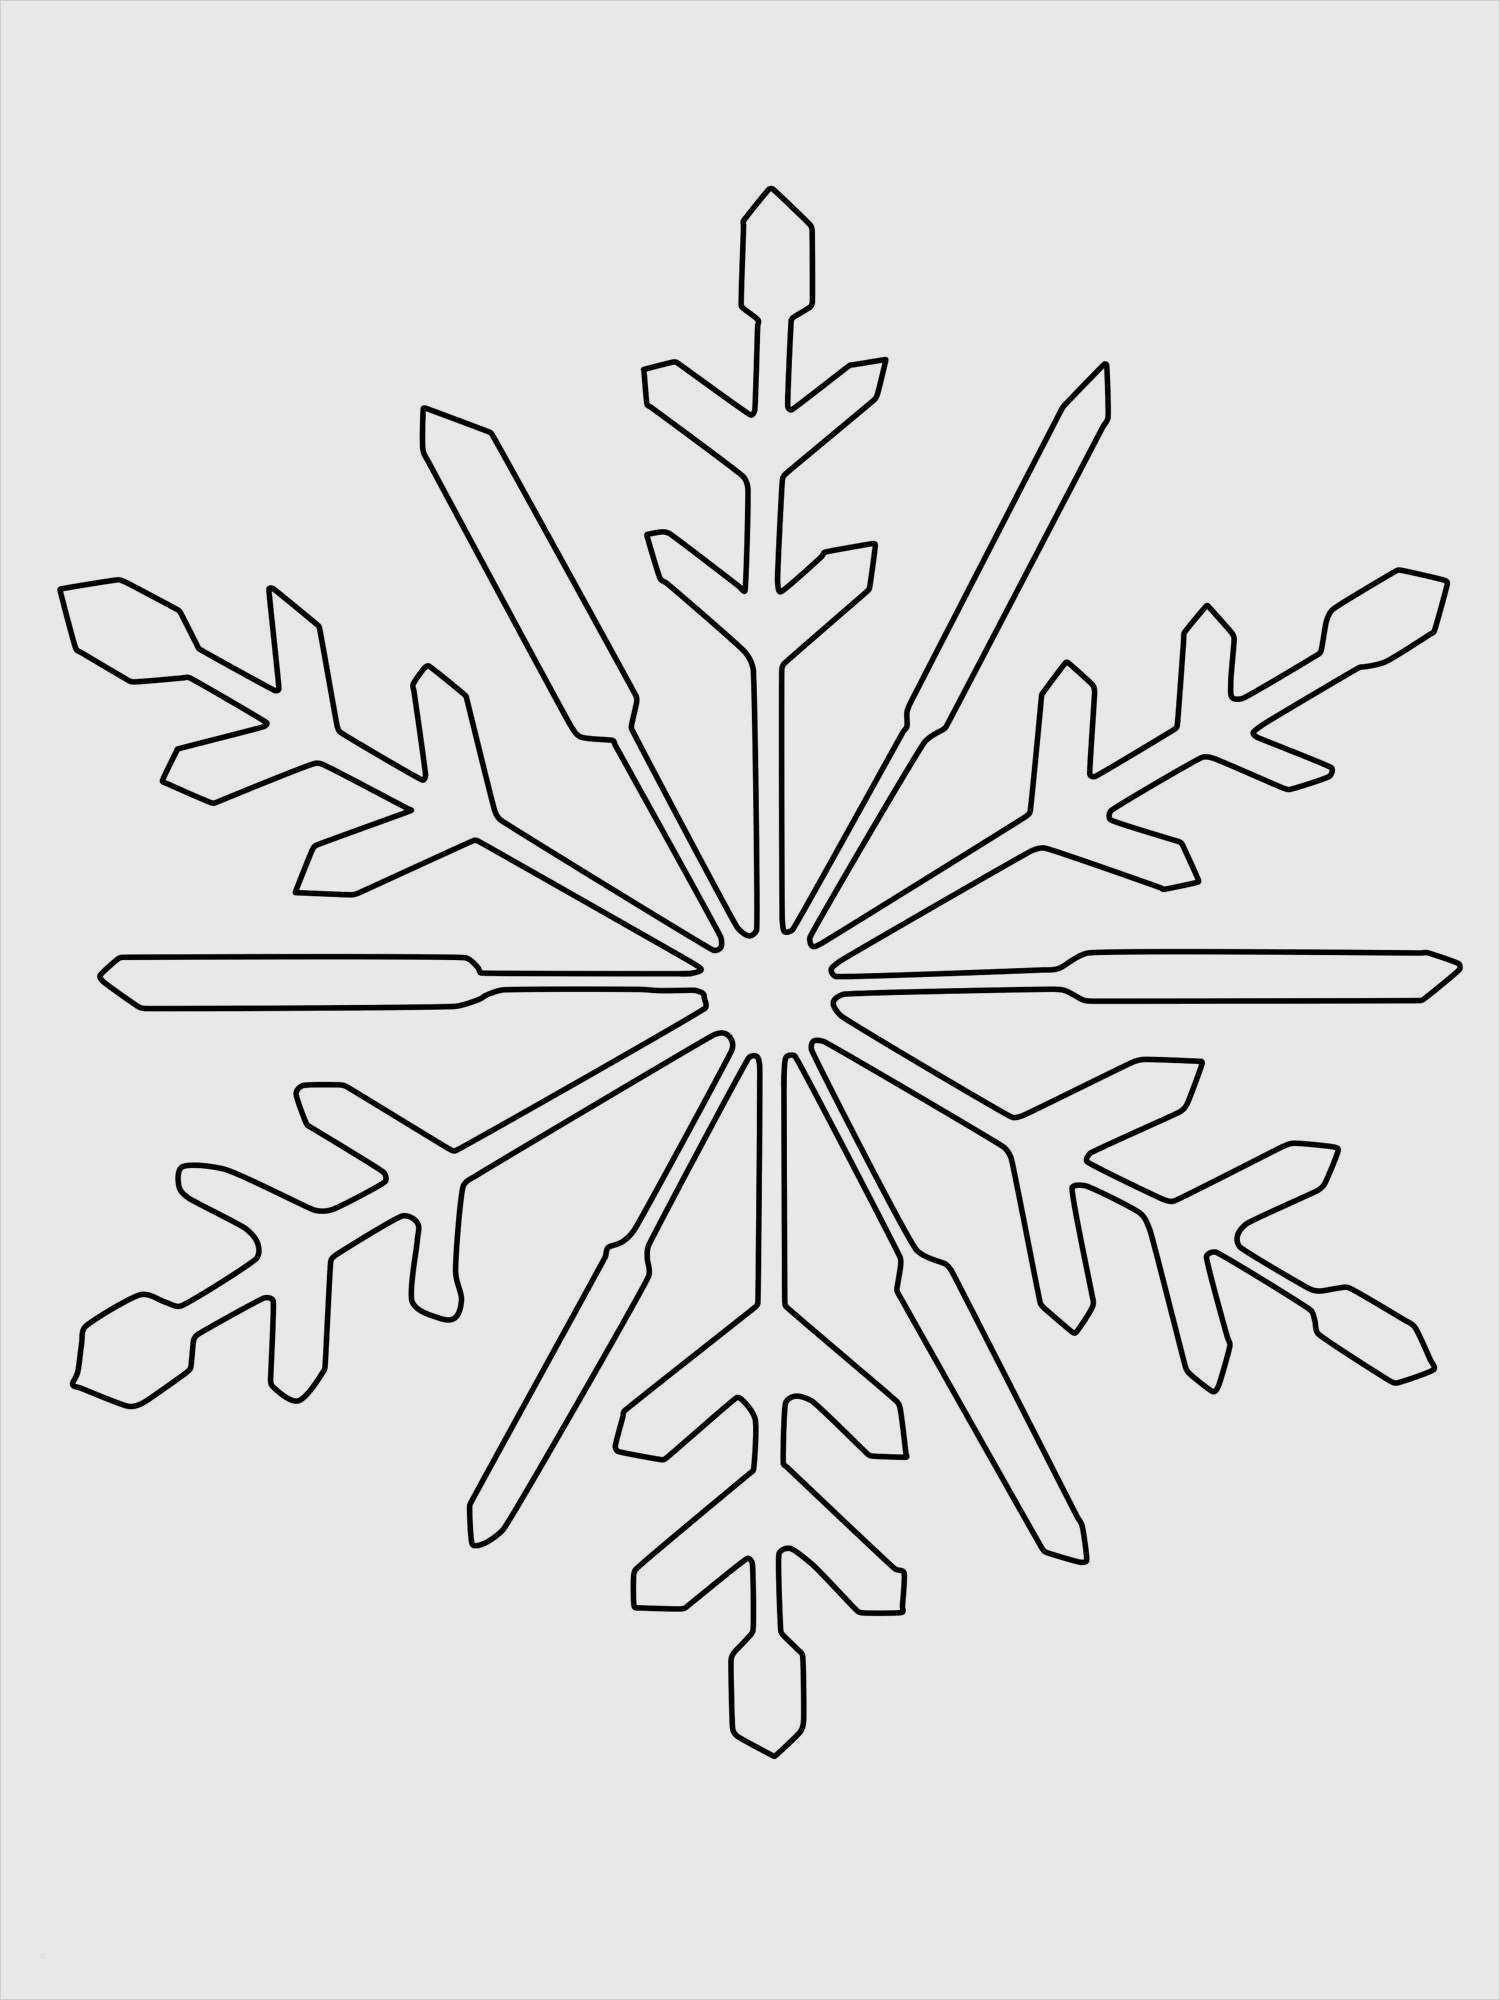 schneeflocken vorlage ausdrucken erstaunlich kostenlose